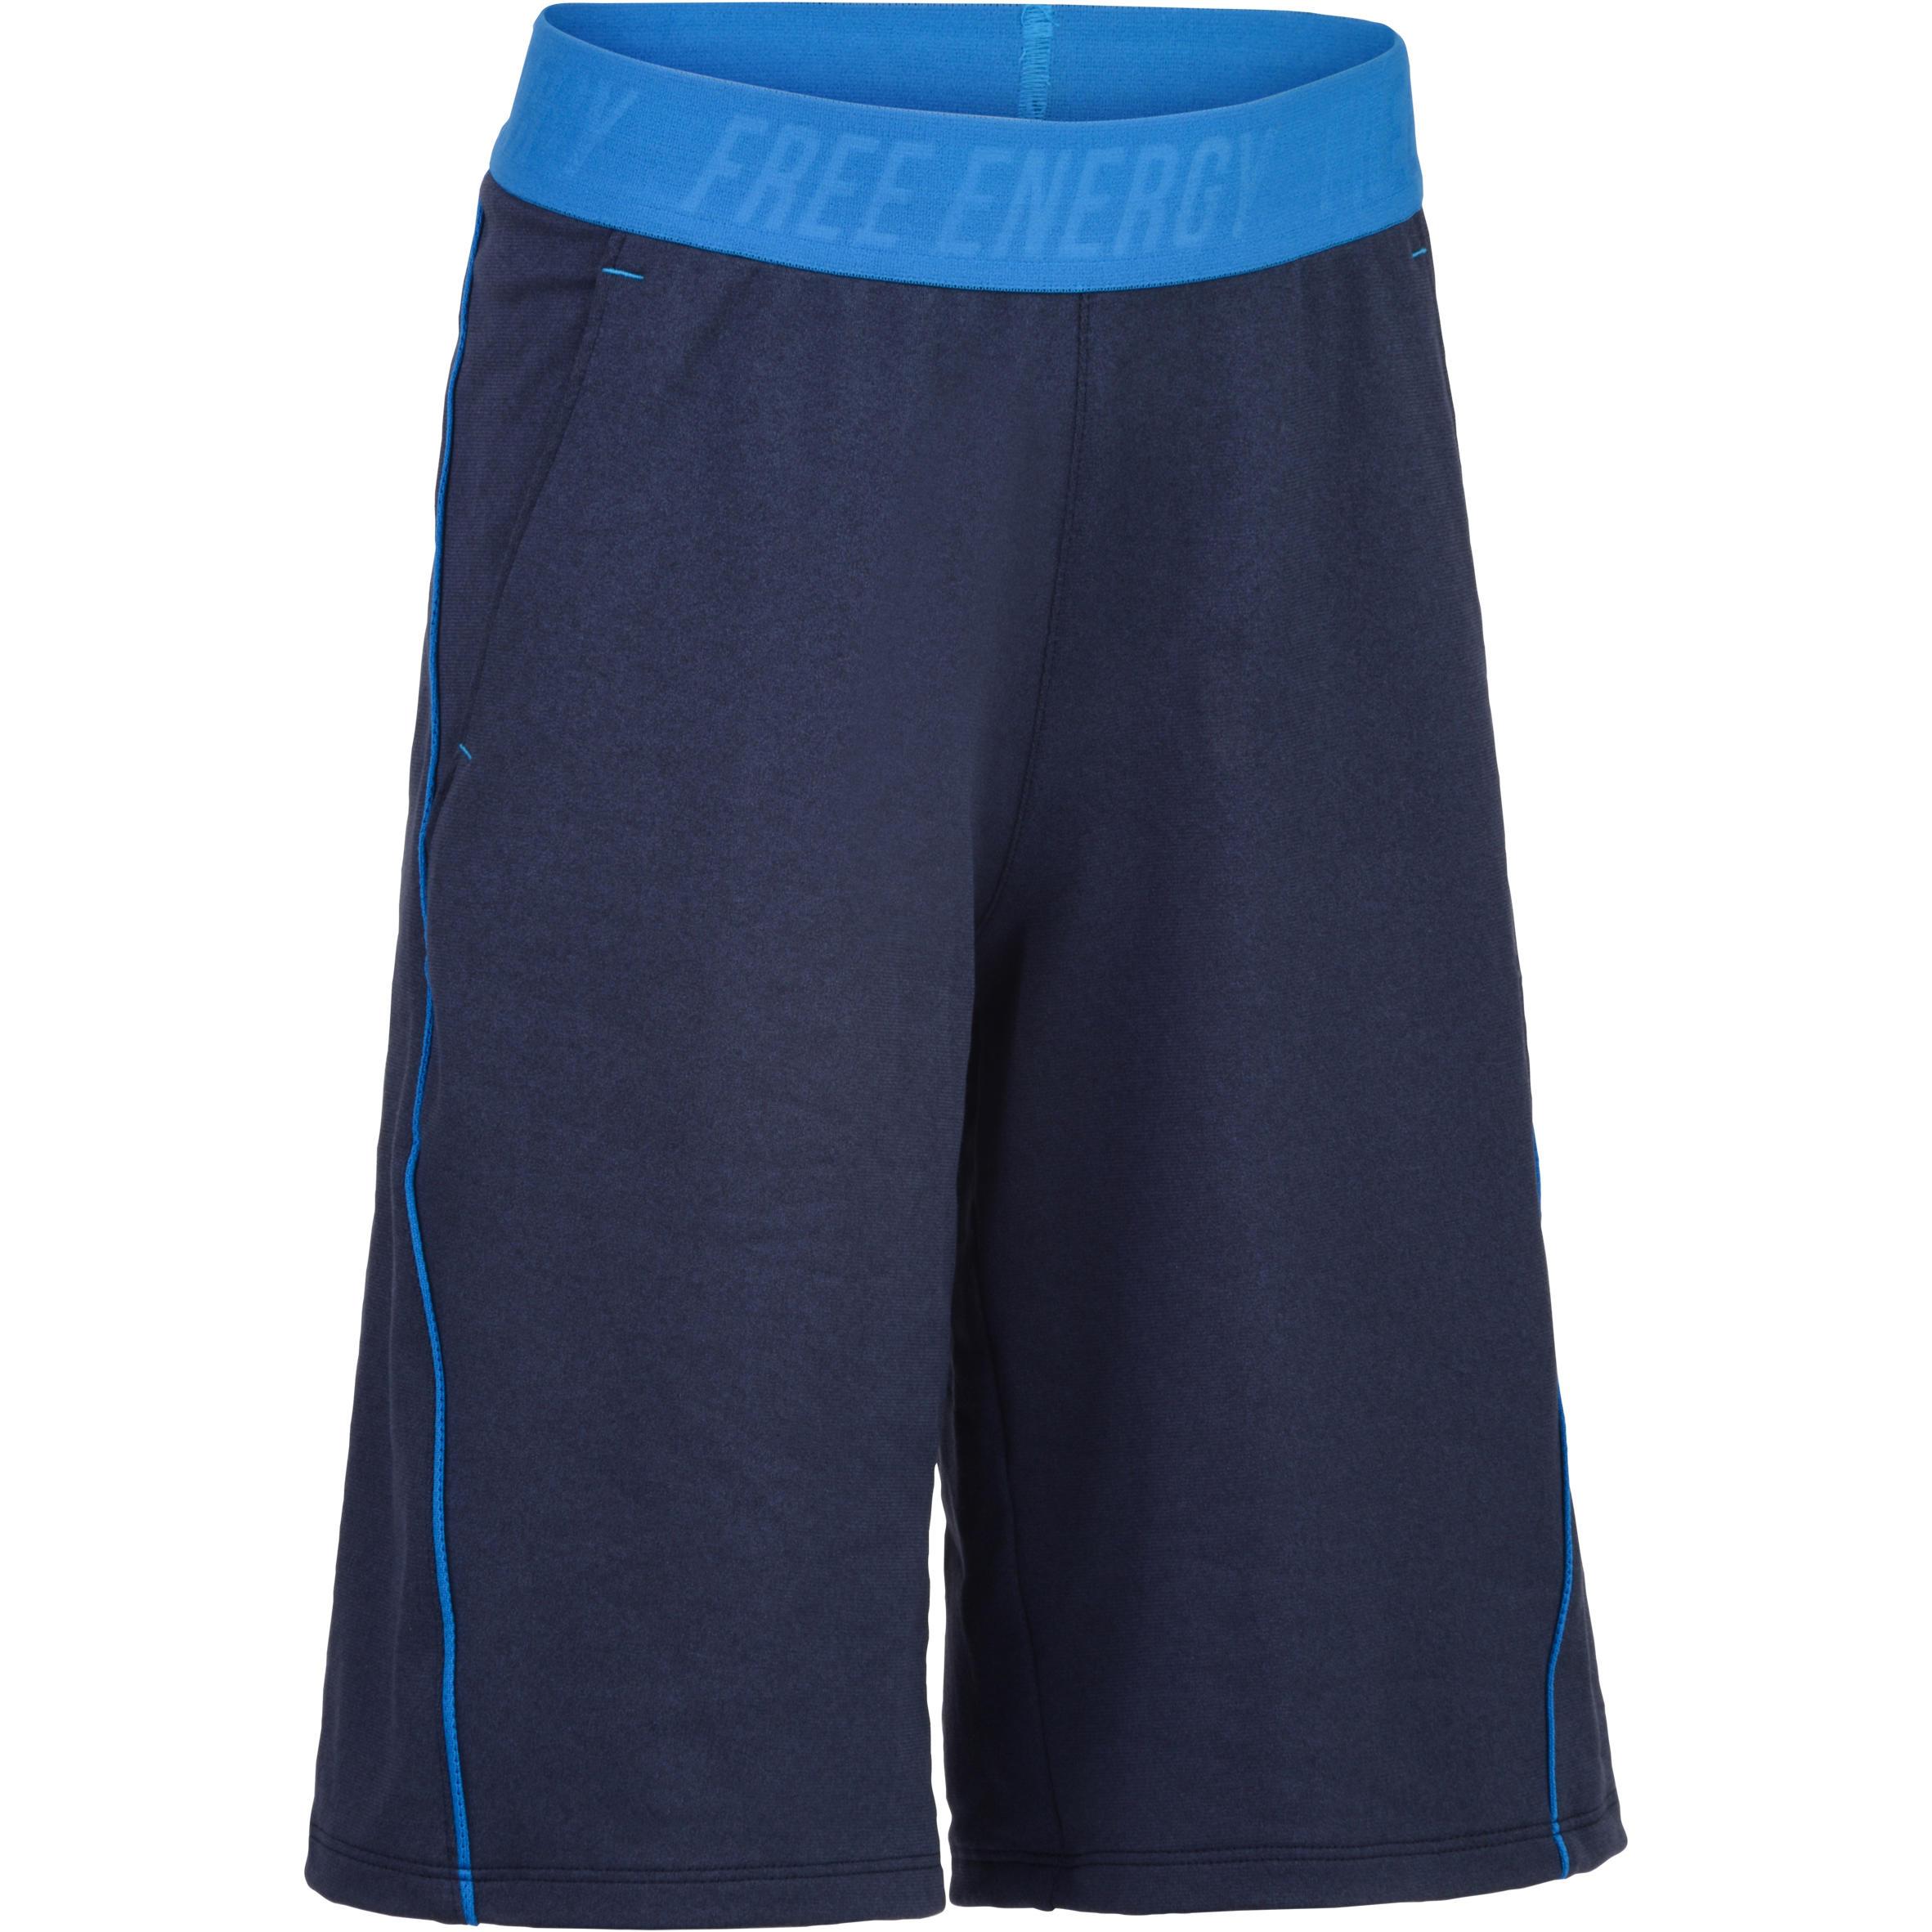 960 Boys' Gym Shorts - Blue